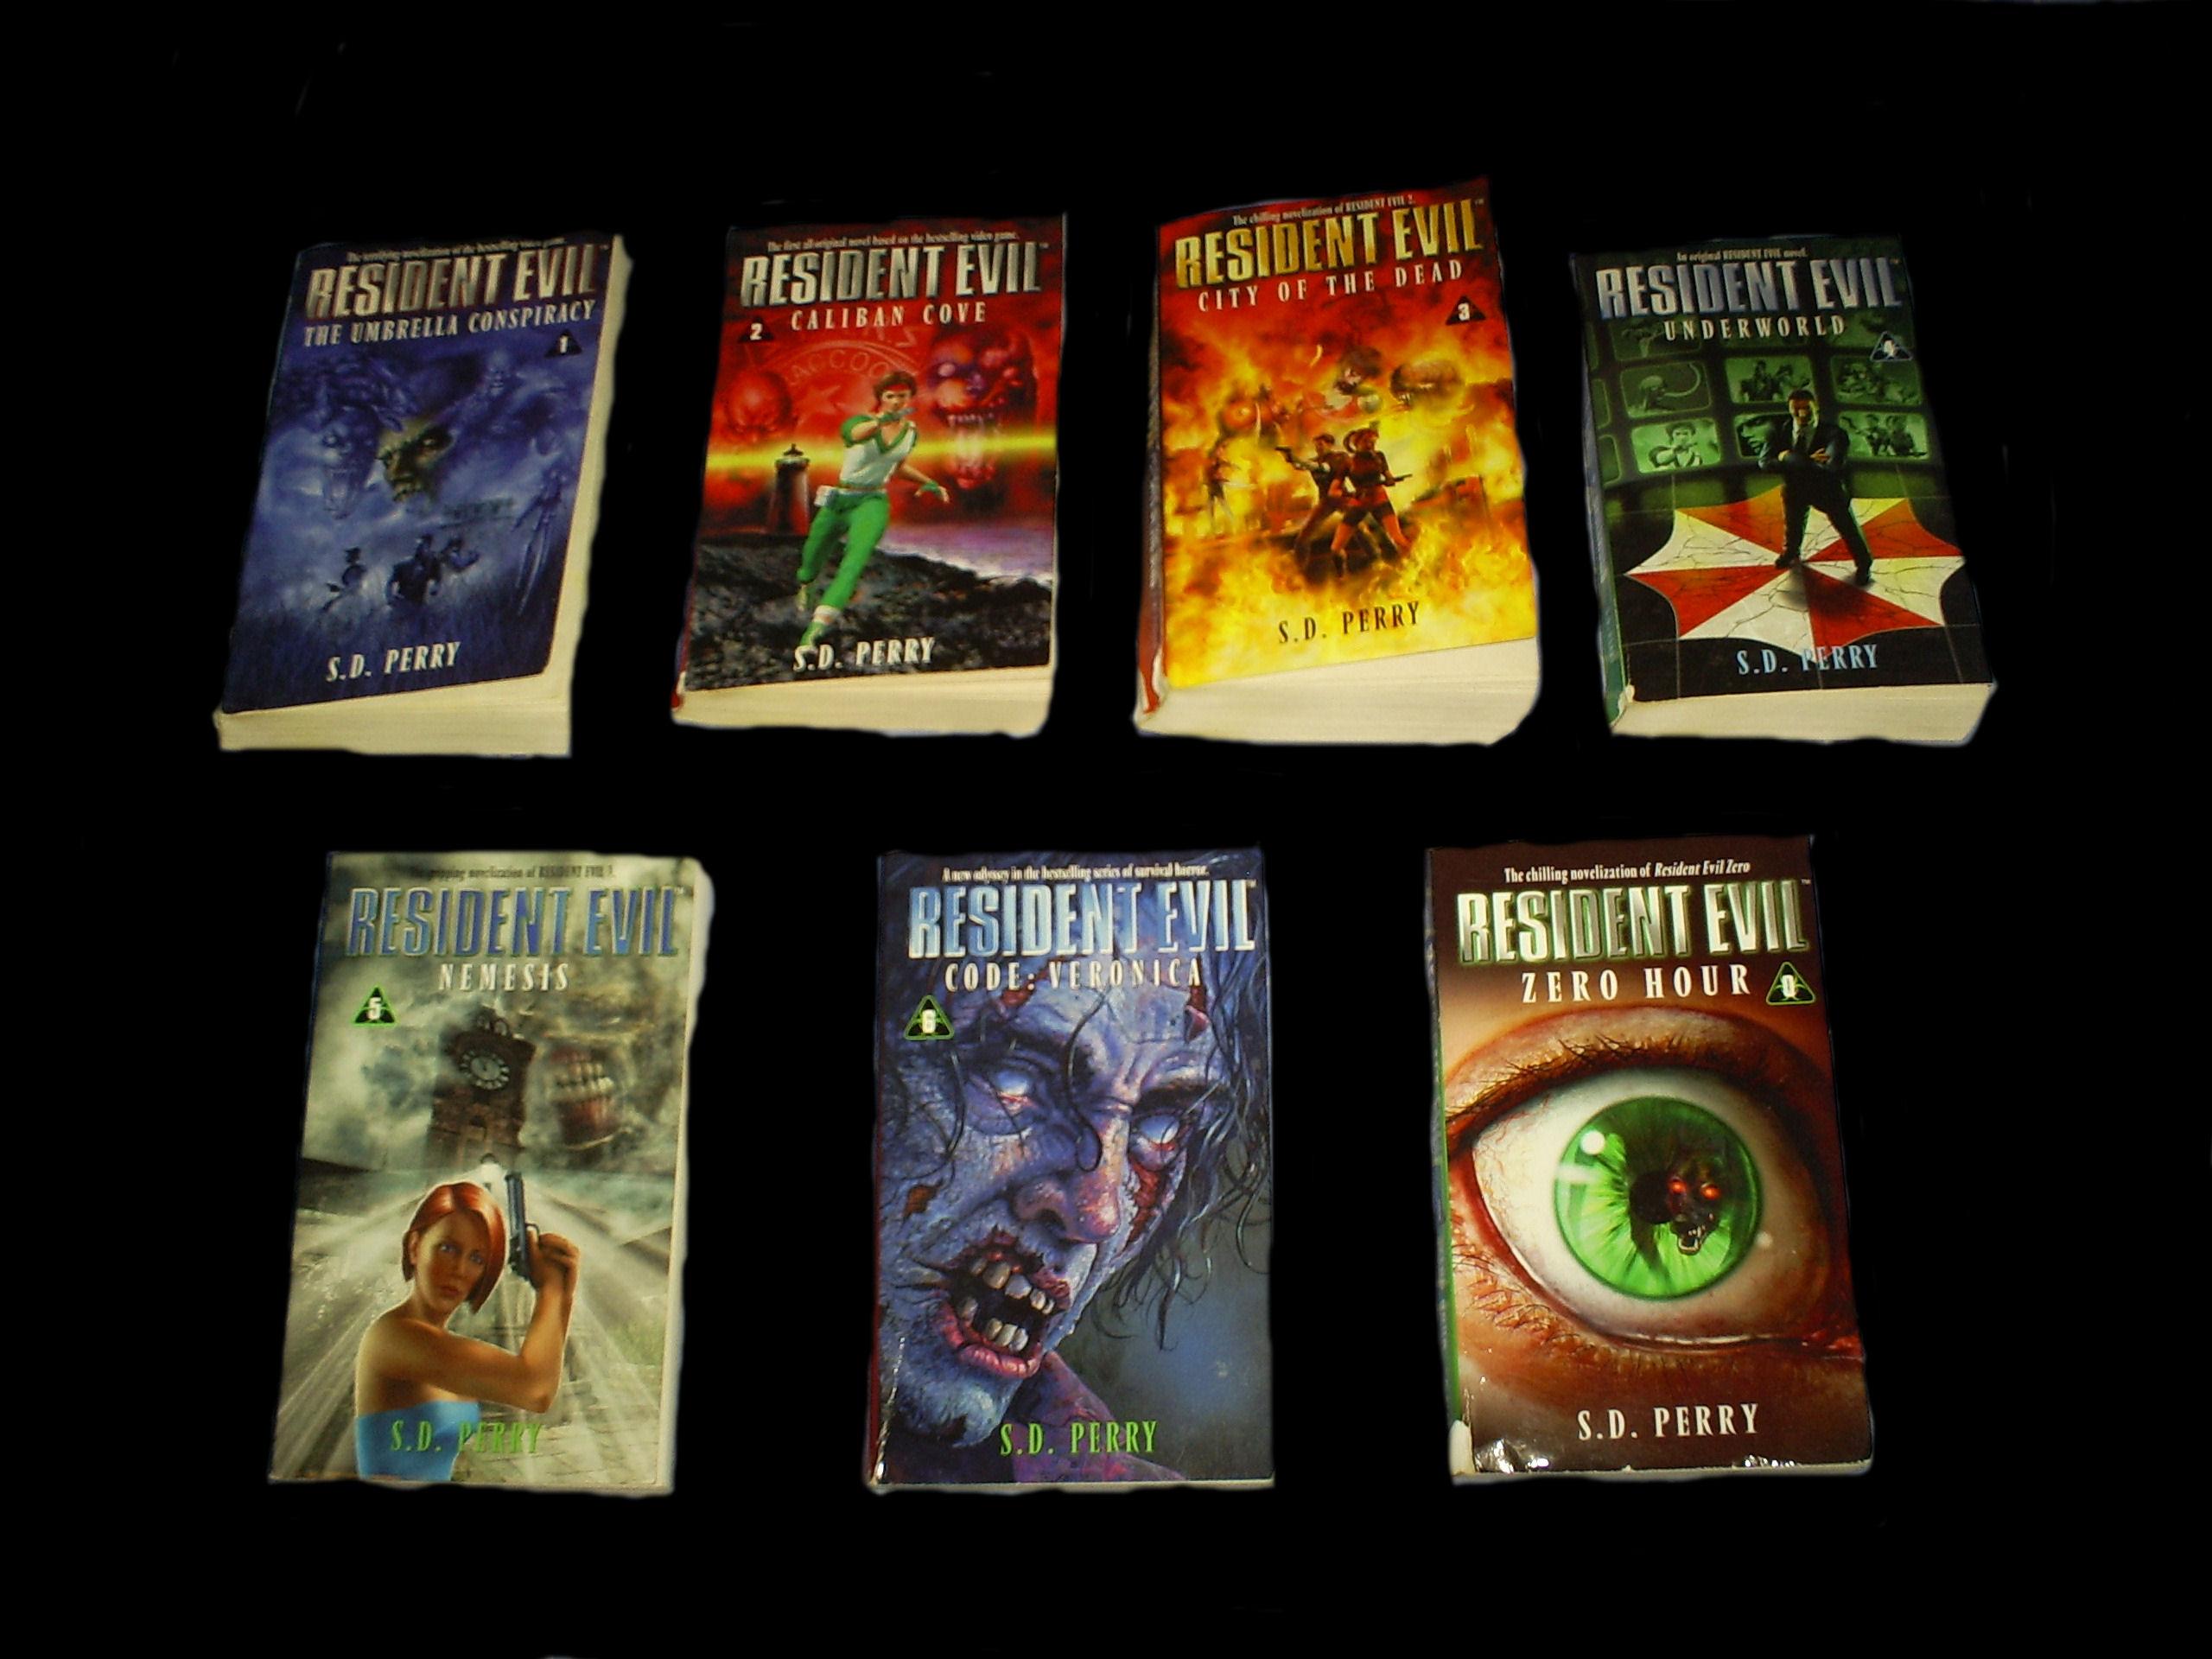 Libros] Resident Evil Novels | S.D.Perry | PDF | MEGA - Taringa!